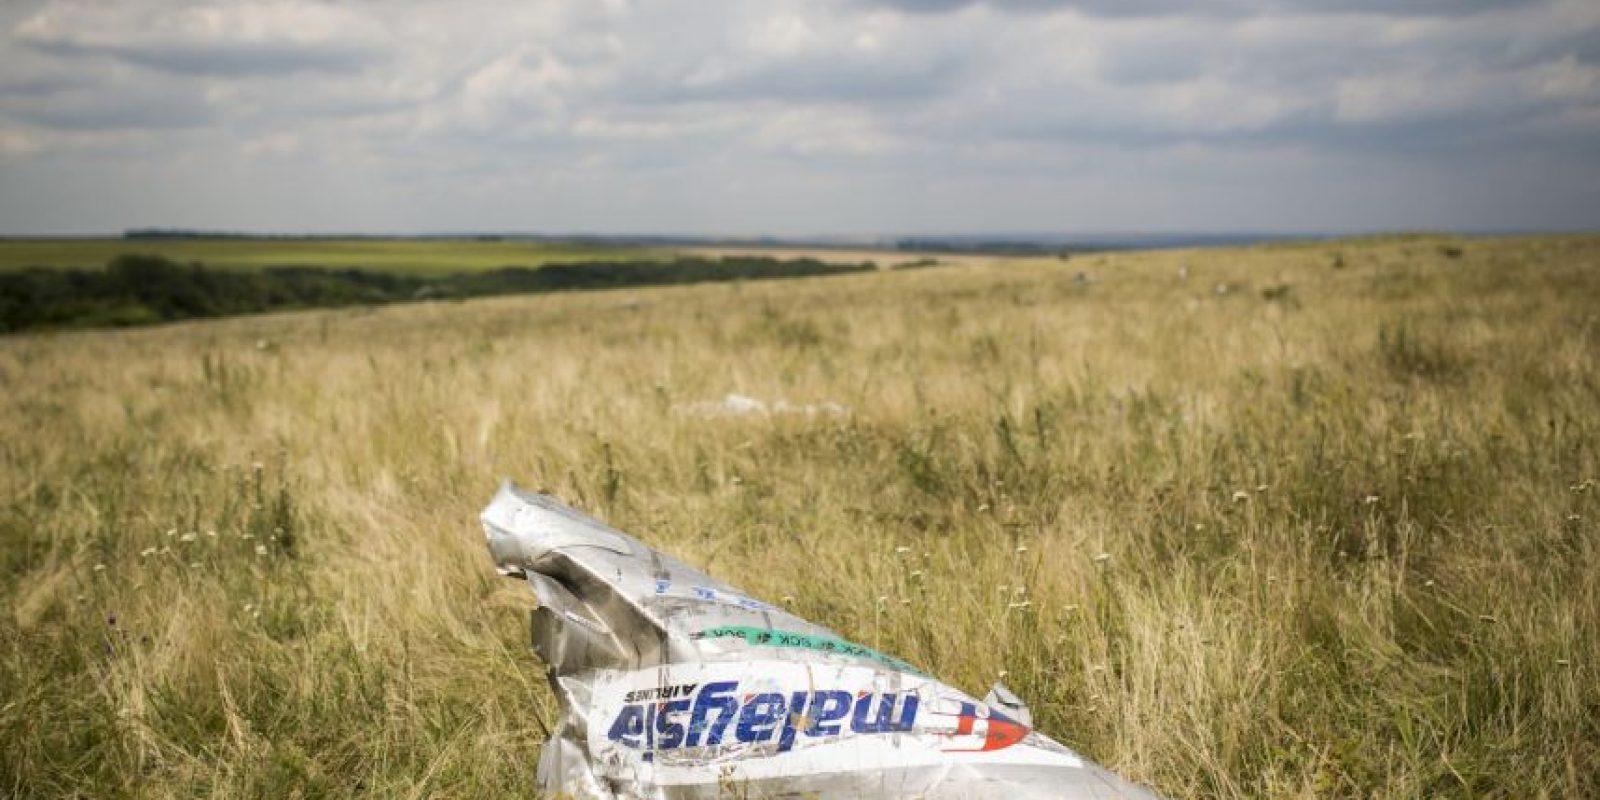 17 de julio- El vuelo MH-17, también de Malaysia Airlines fue derribado en el este de Ucrania. 298 personas fallecieron en el ataque, que constó de un misil lanzado por rebeldes prorrusos. Foto:Getty